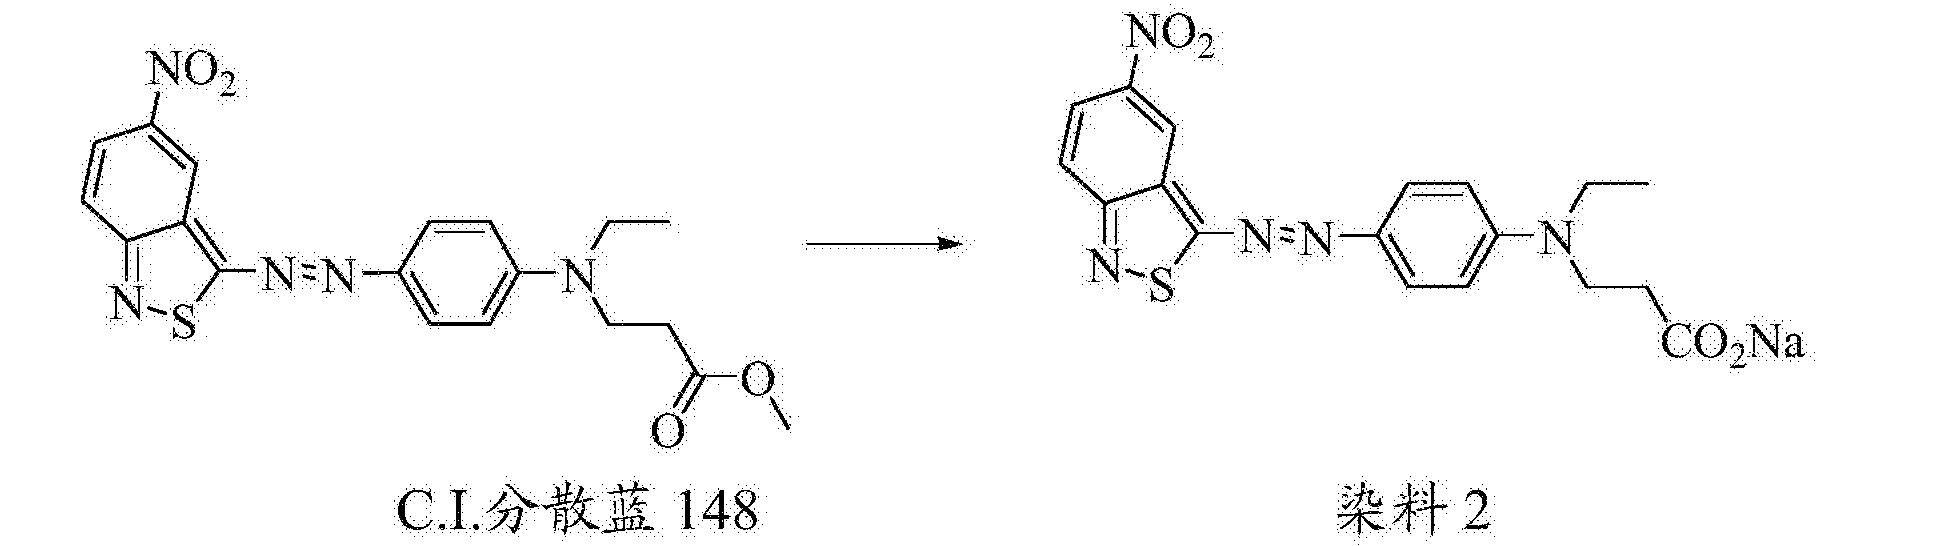 Figure CN104350106BD00201